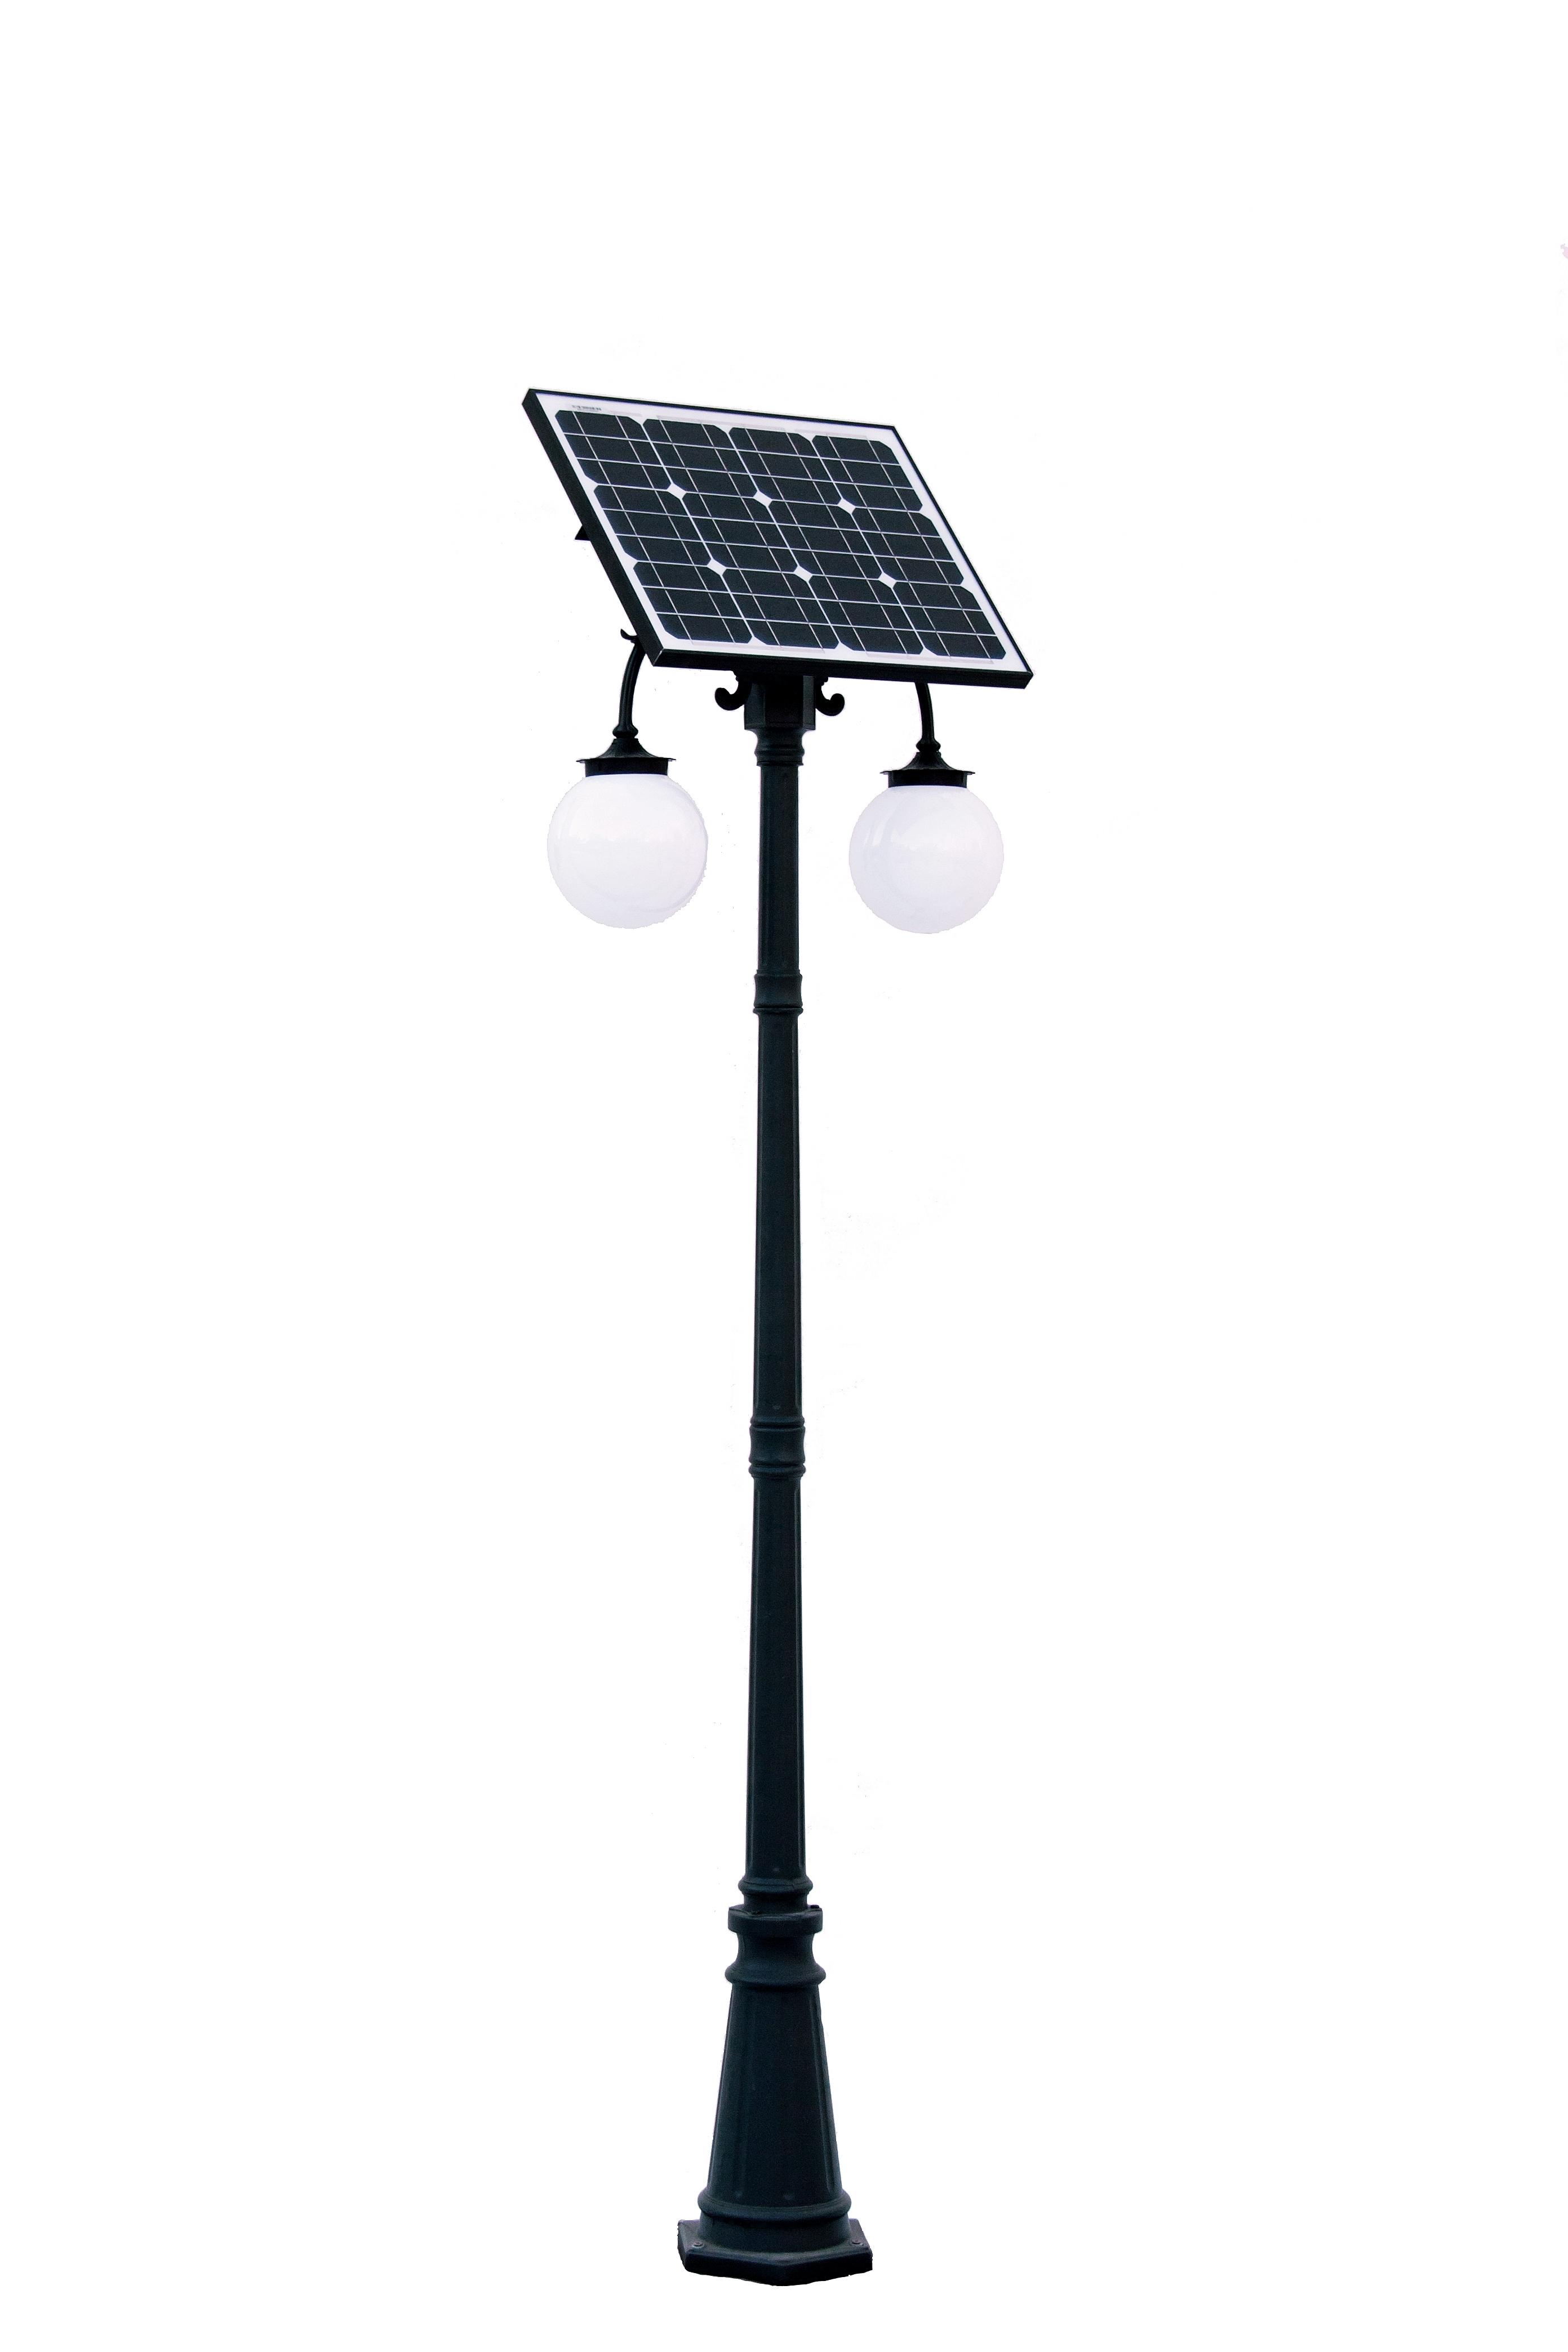 Aktualne Ogrodowa lampa solarna duża 3,00m WM75